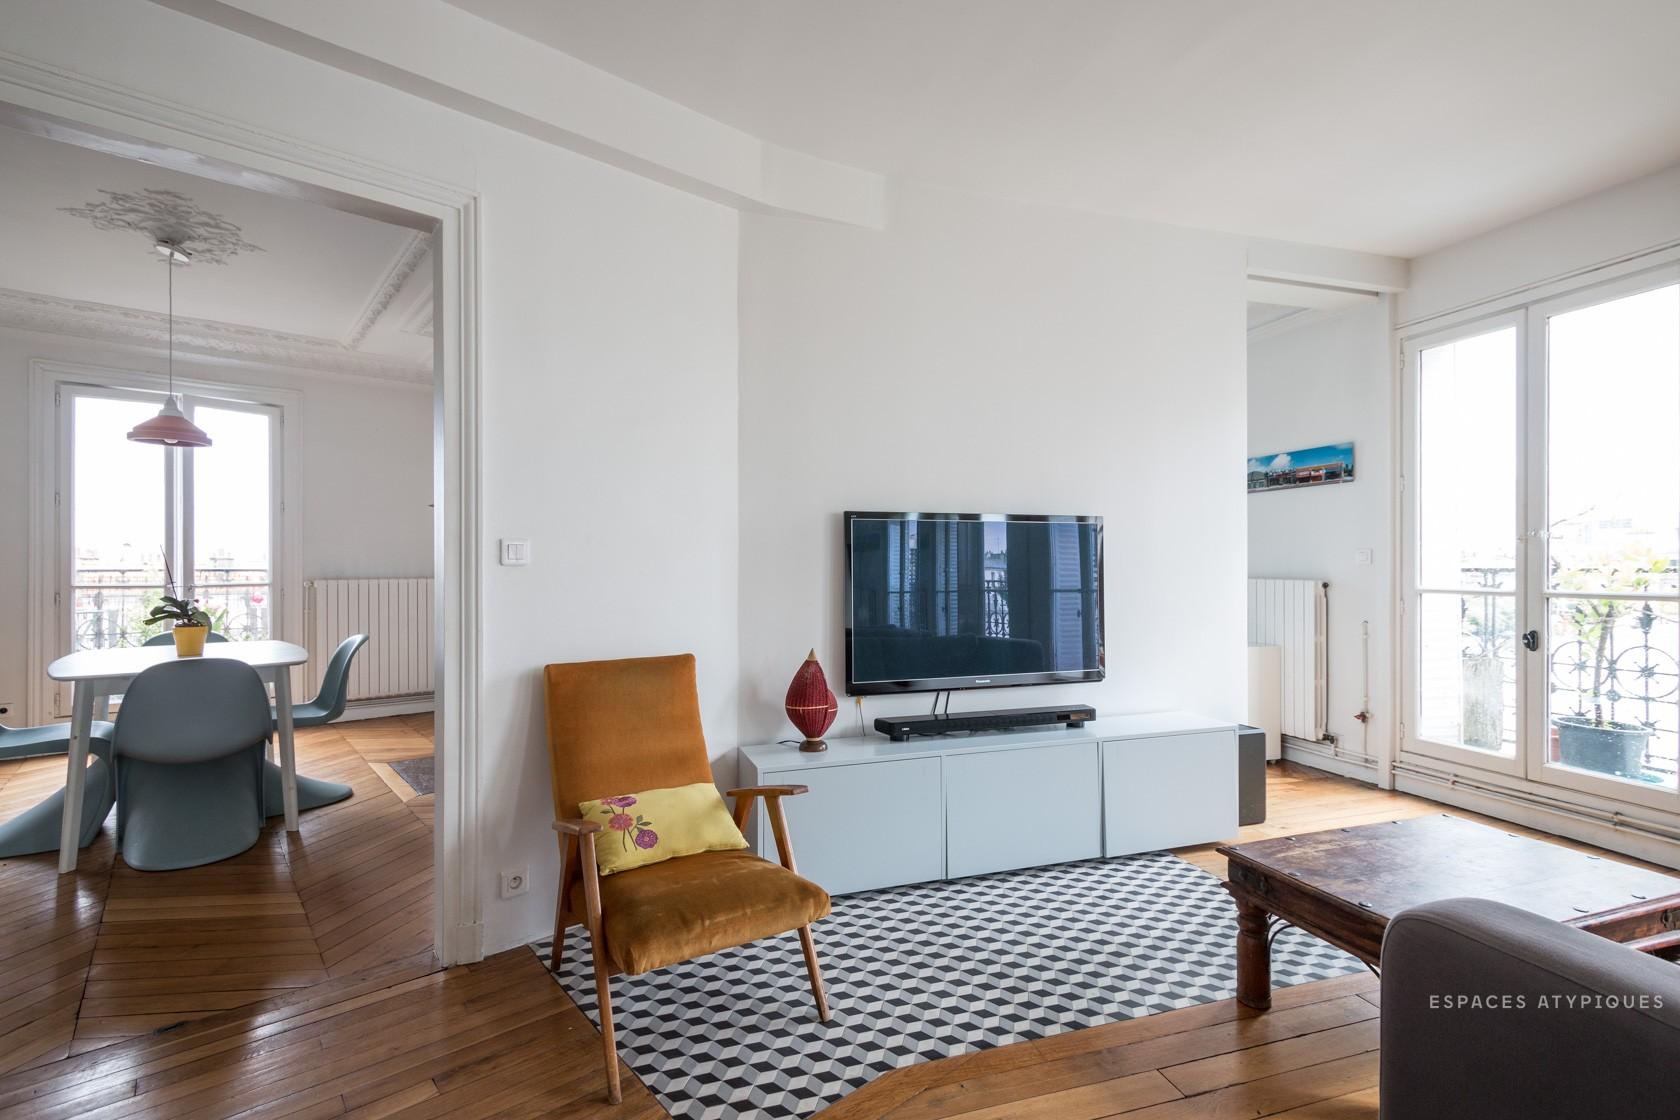 1122EP-Appartement-renove-par-architecte-paris13-03